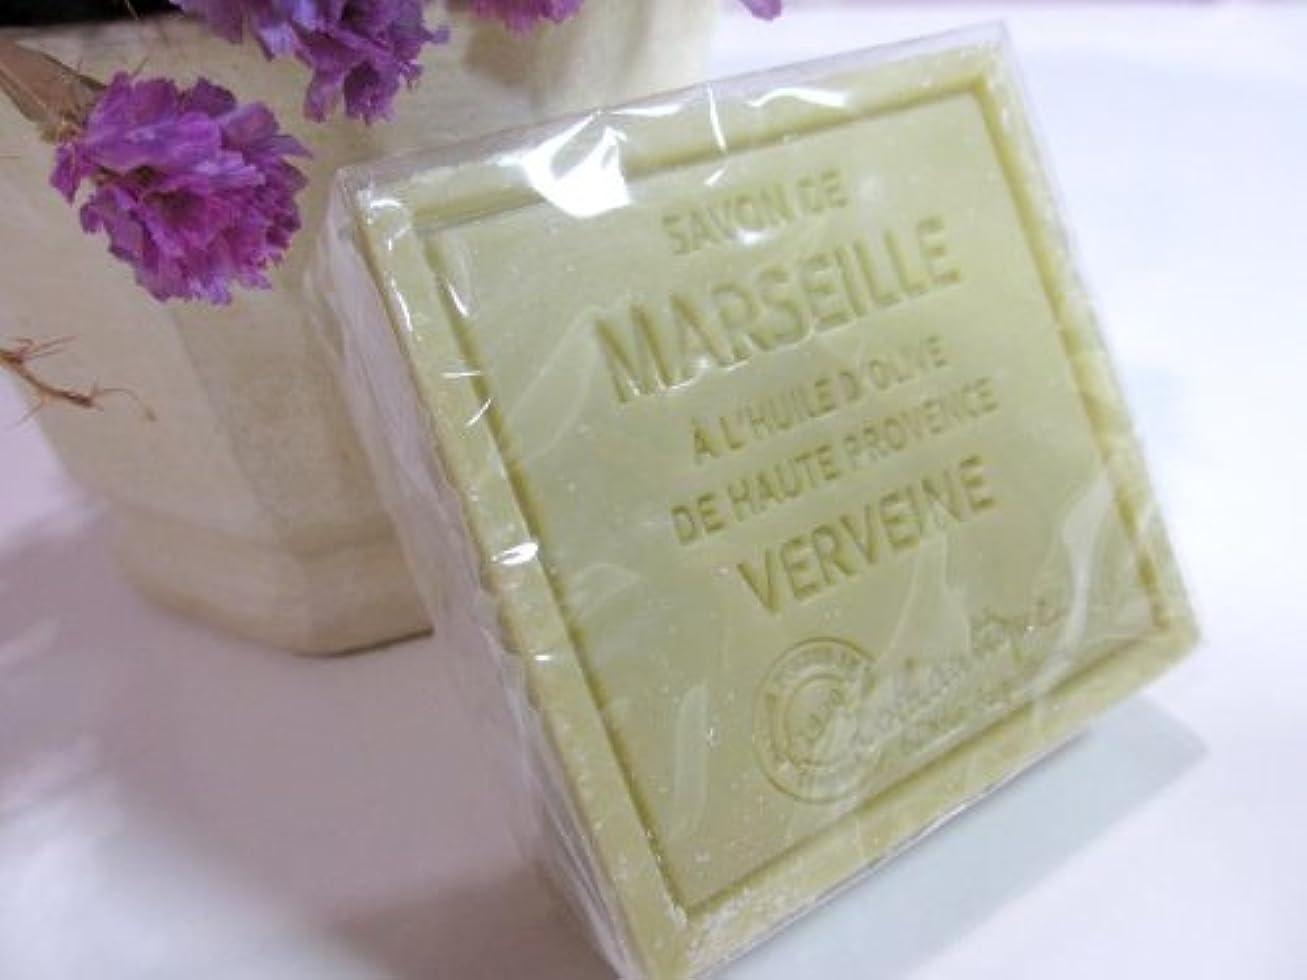 改革コークス五Lothantique(ロタンティック) Les savons de Marseille(マルセイユソープ) マルセイユソープ 100g 「ベルベーヌ」 3420070038142